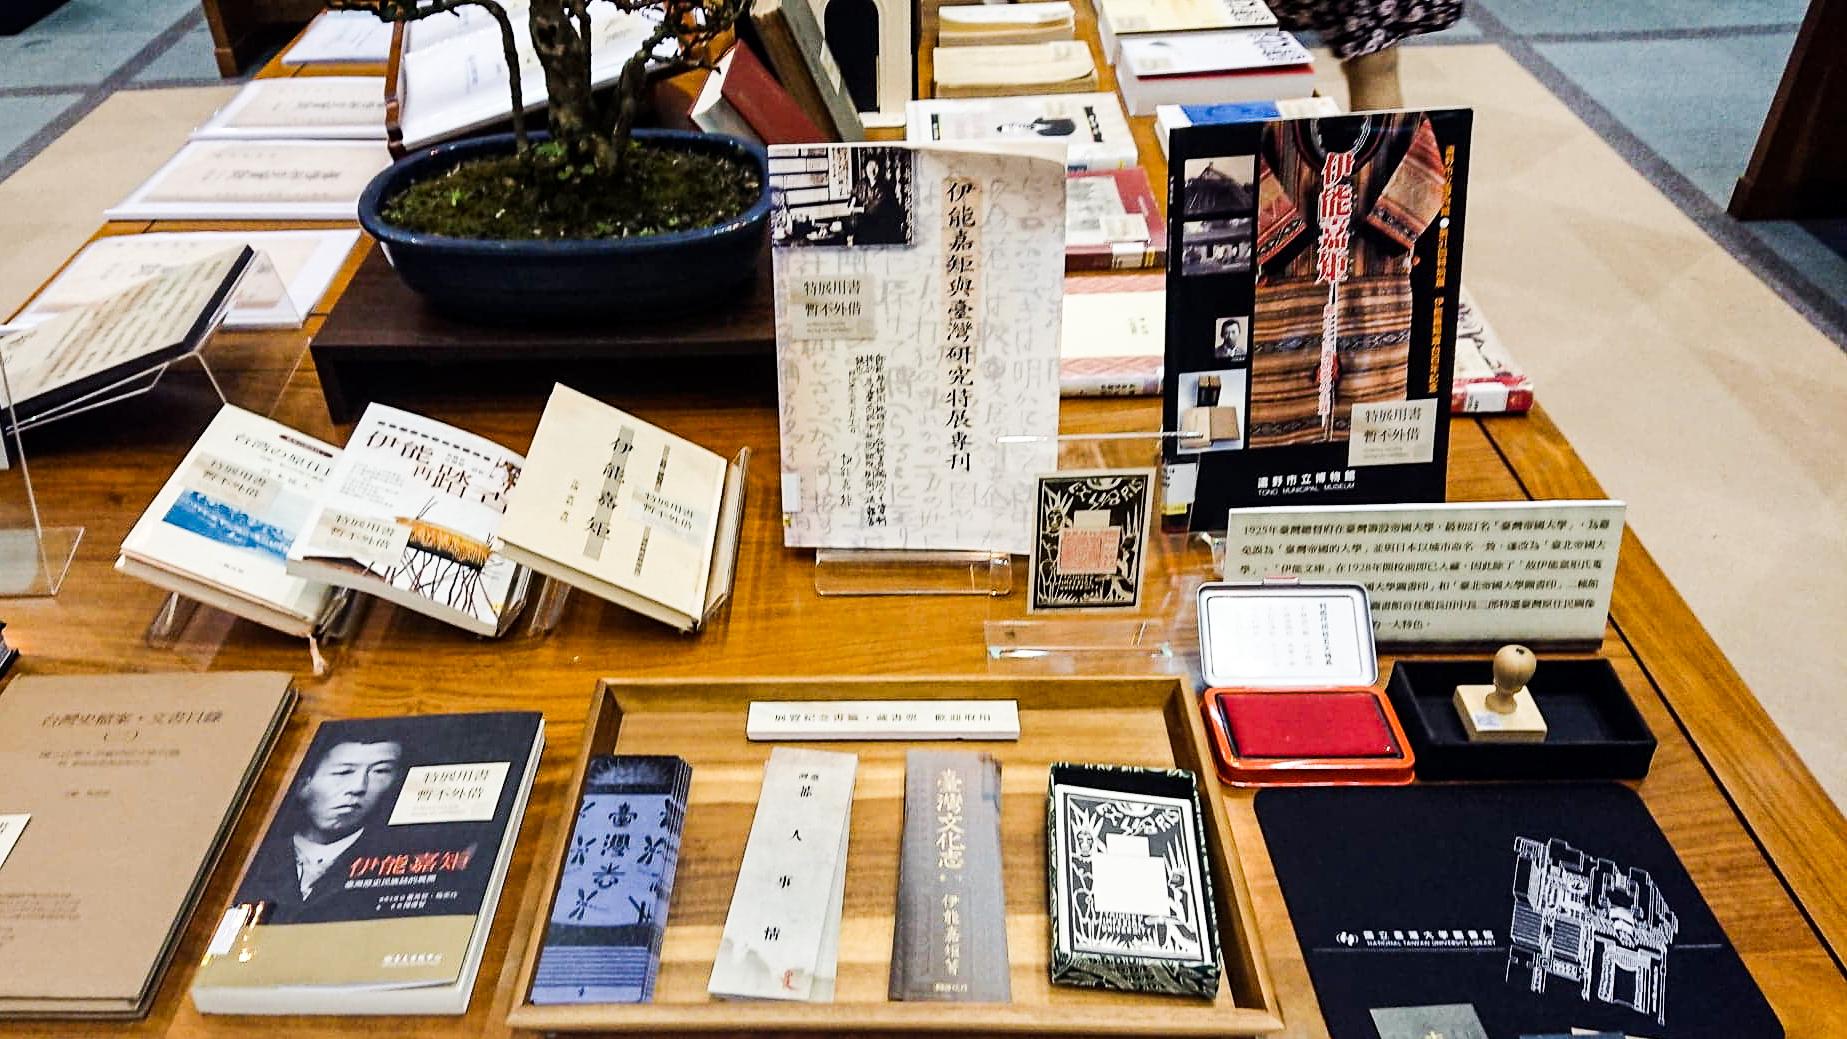 はじめての台湾 │ 連載「つれづれの遠野」vol.1 / 赤坂憲雄